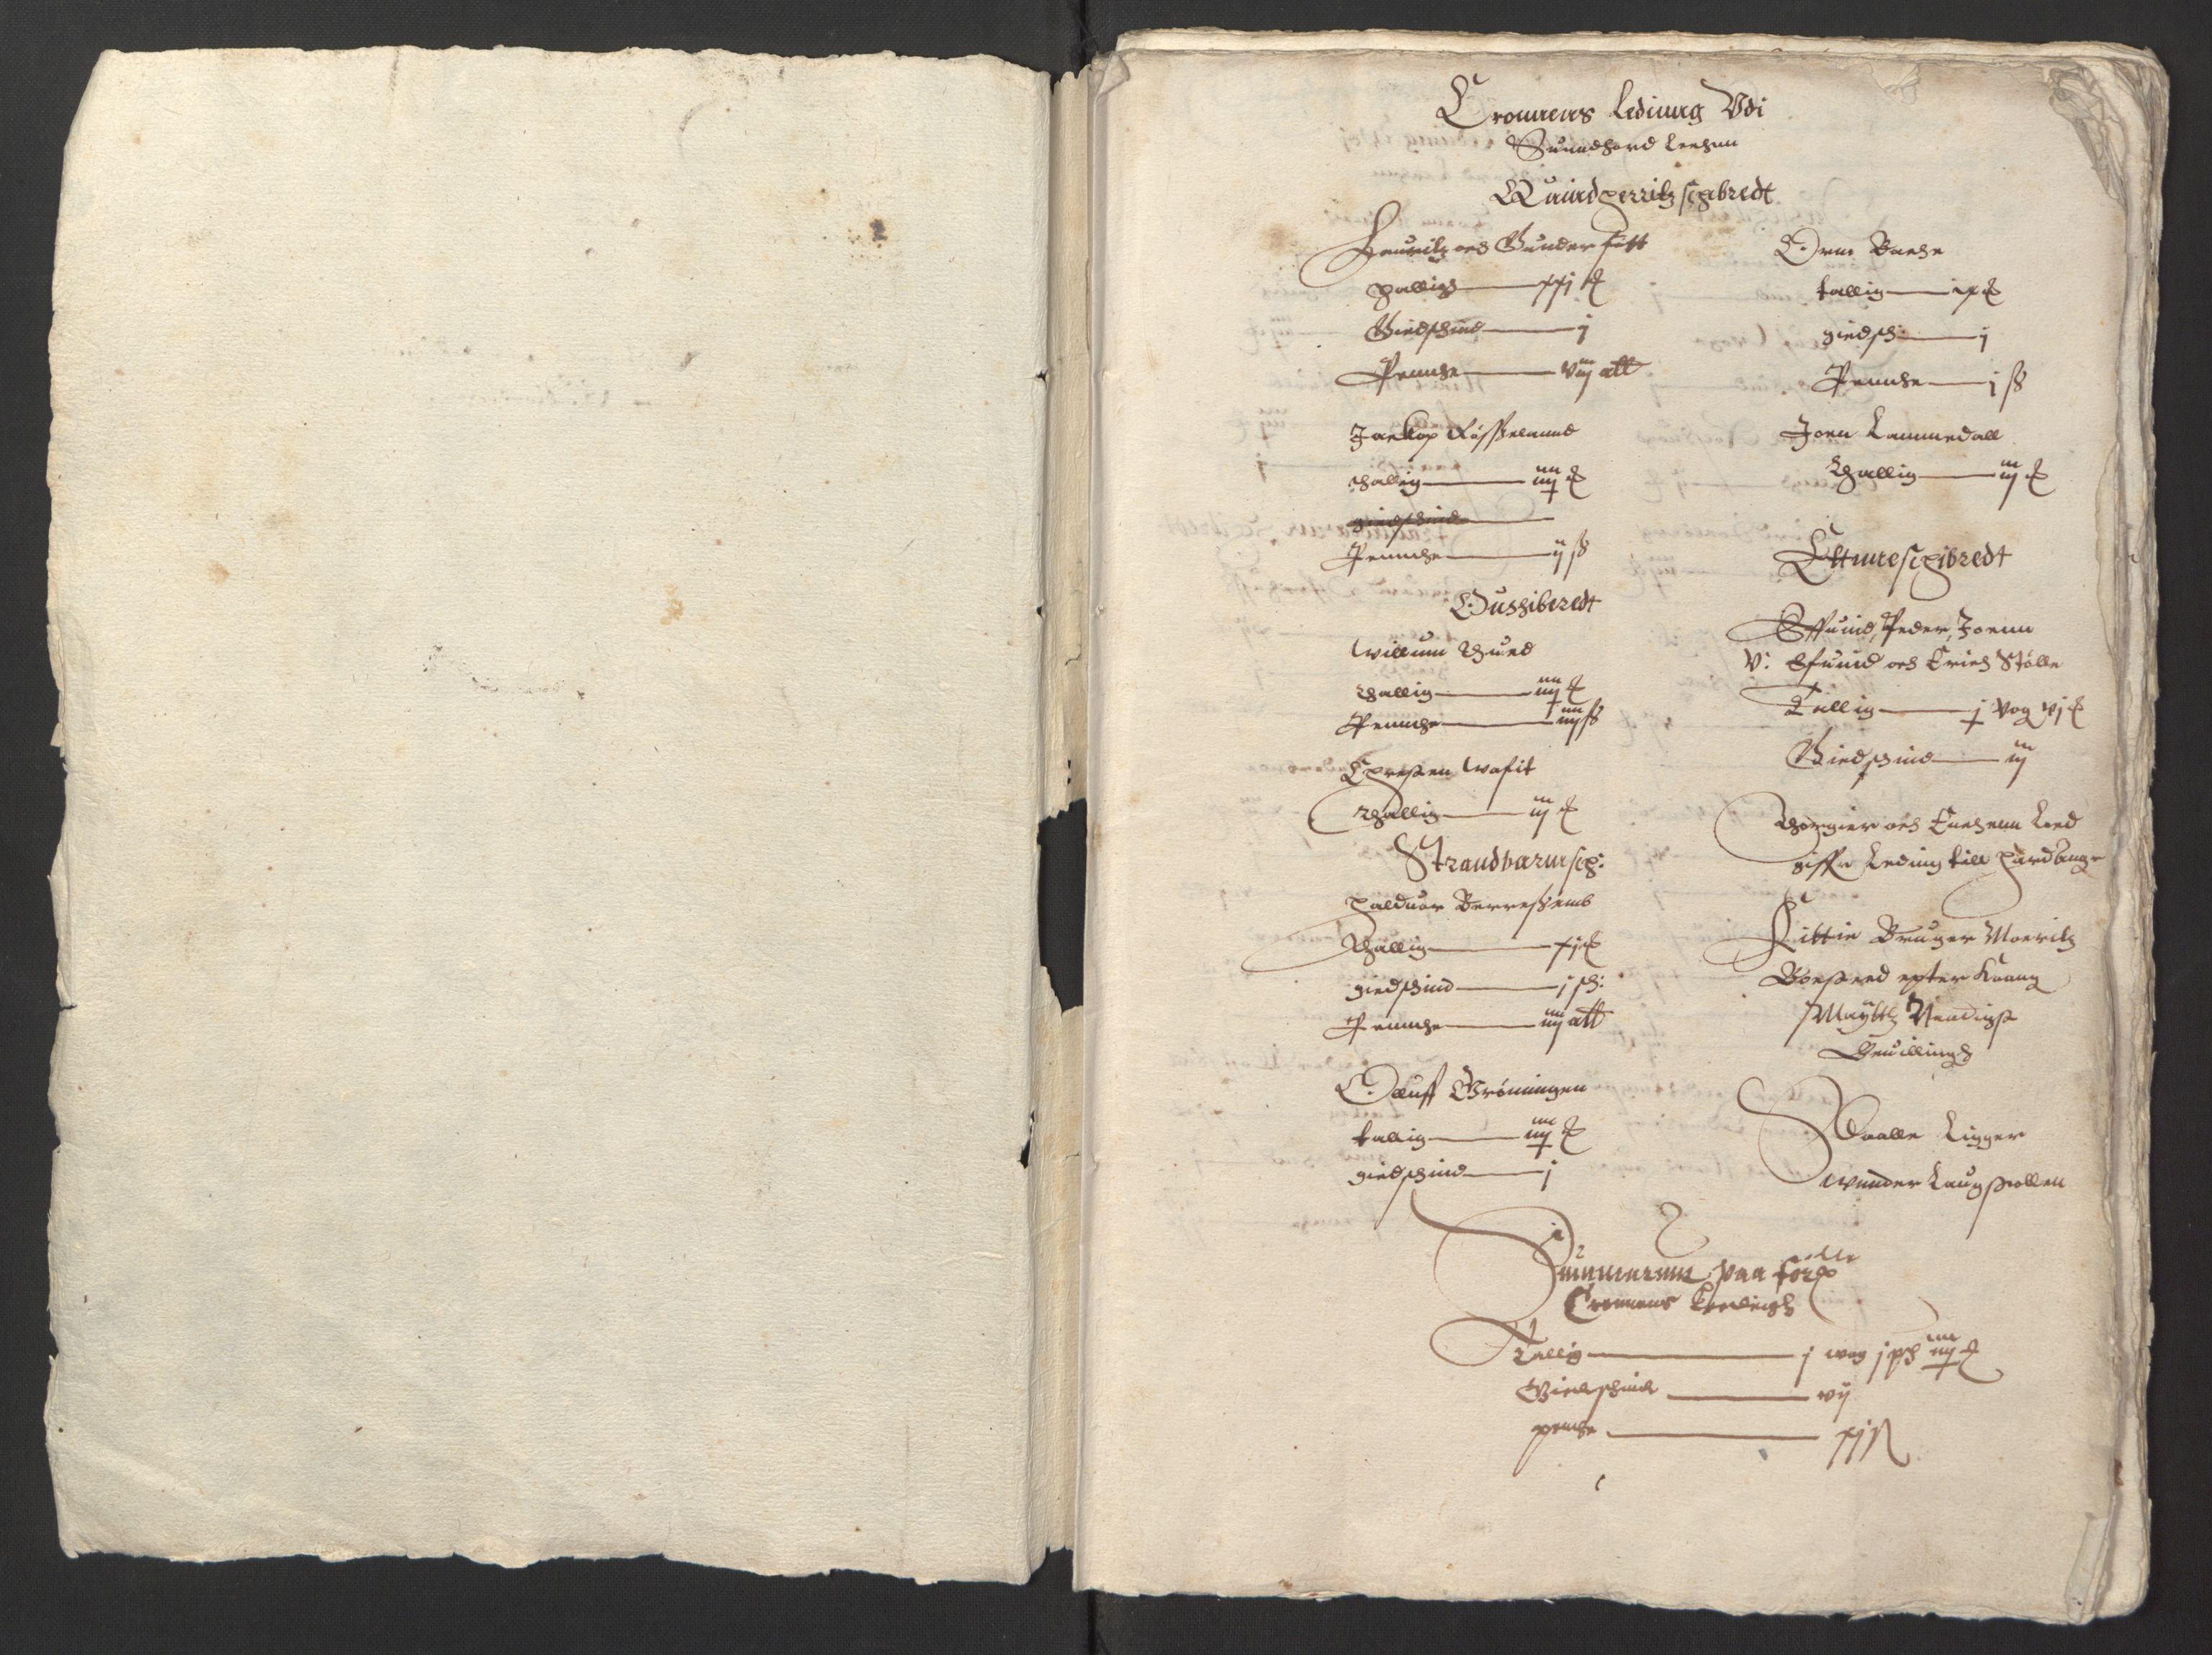 RA, Stattholderembetet 1572-1771, Ek/L0003: Jordebøker til utlikning av garnisonsskatt 1624-1626:, 1624-1625, s. 4